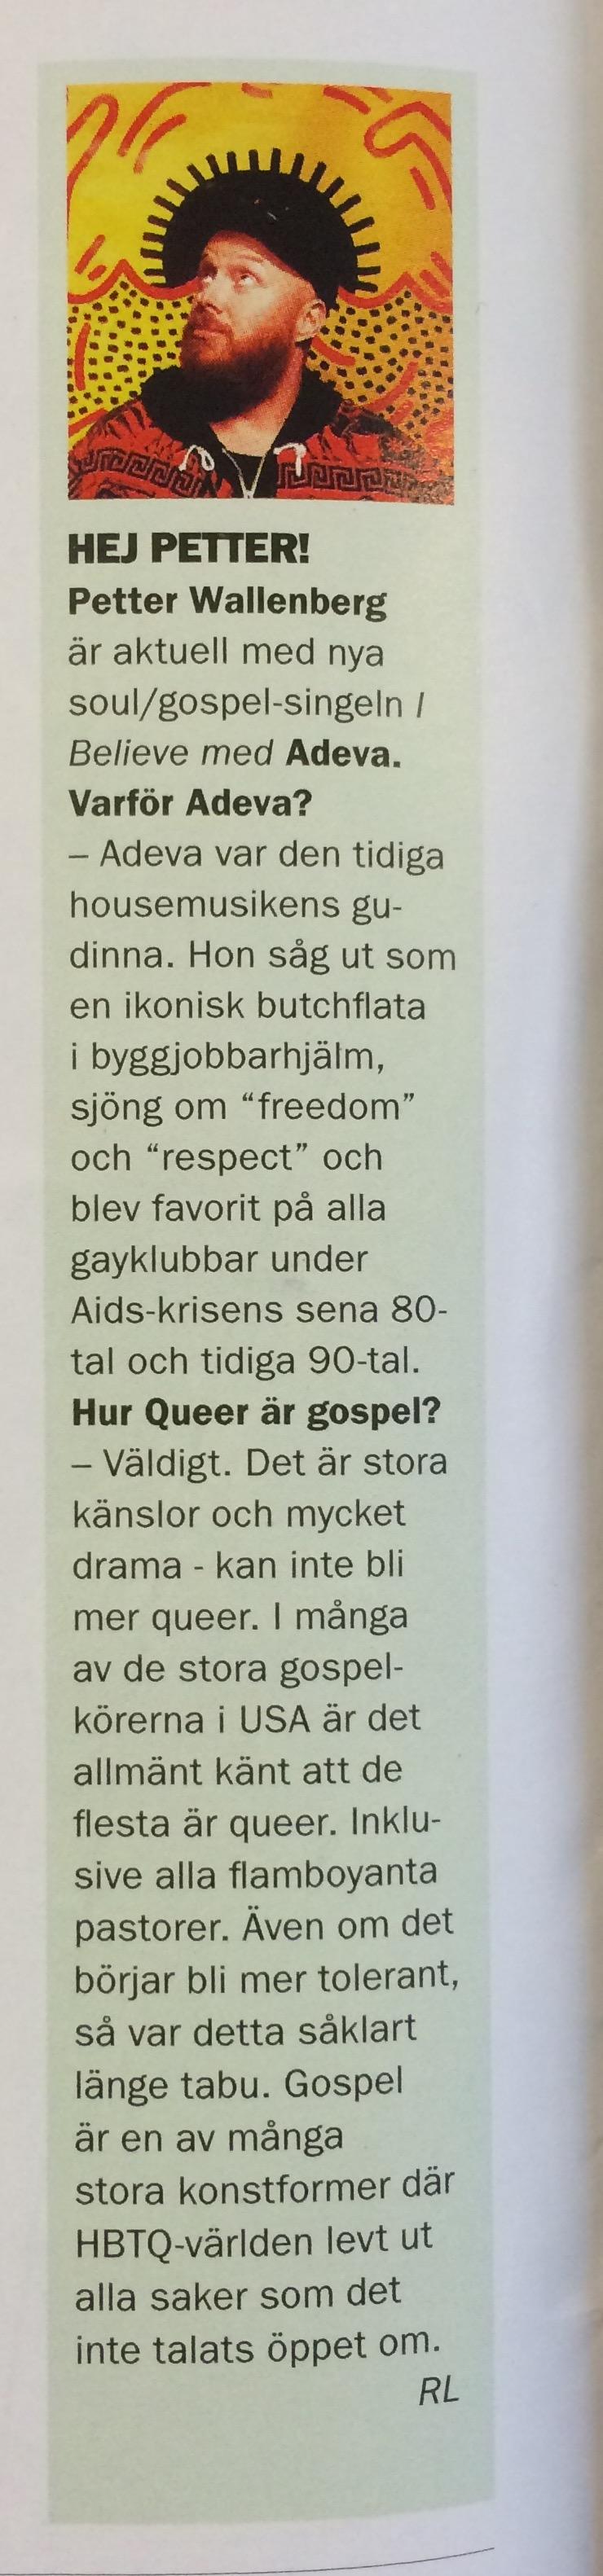 QX intervju - Petter Wallenberg.jpg